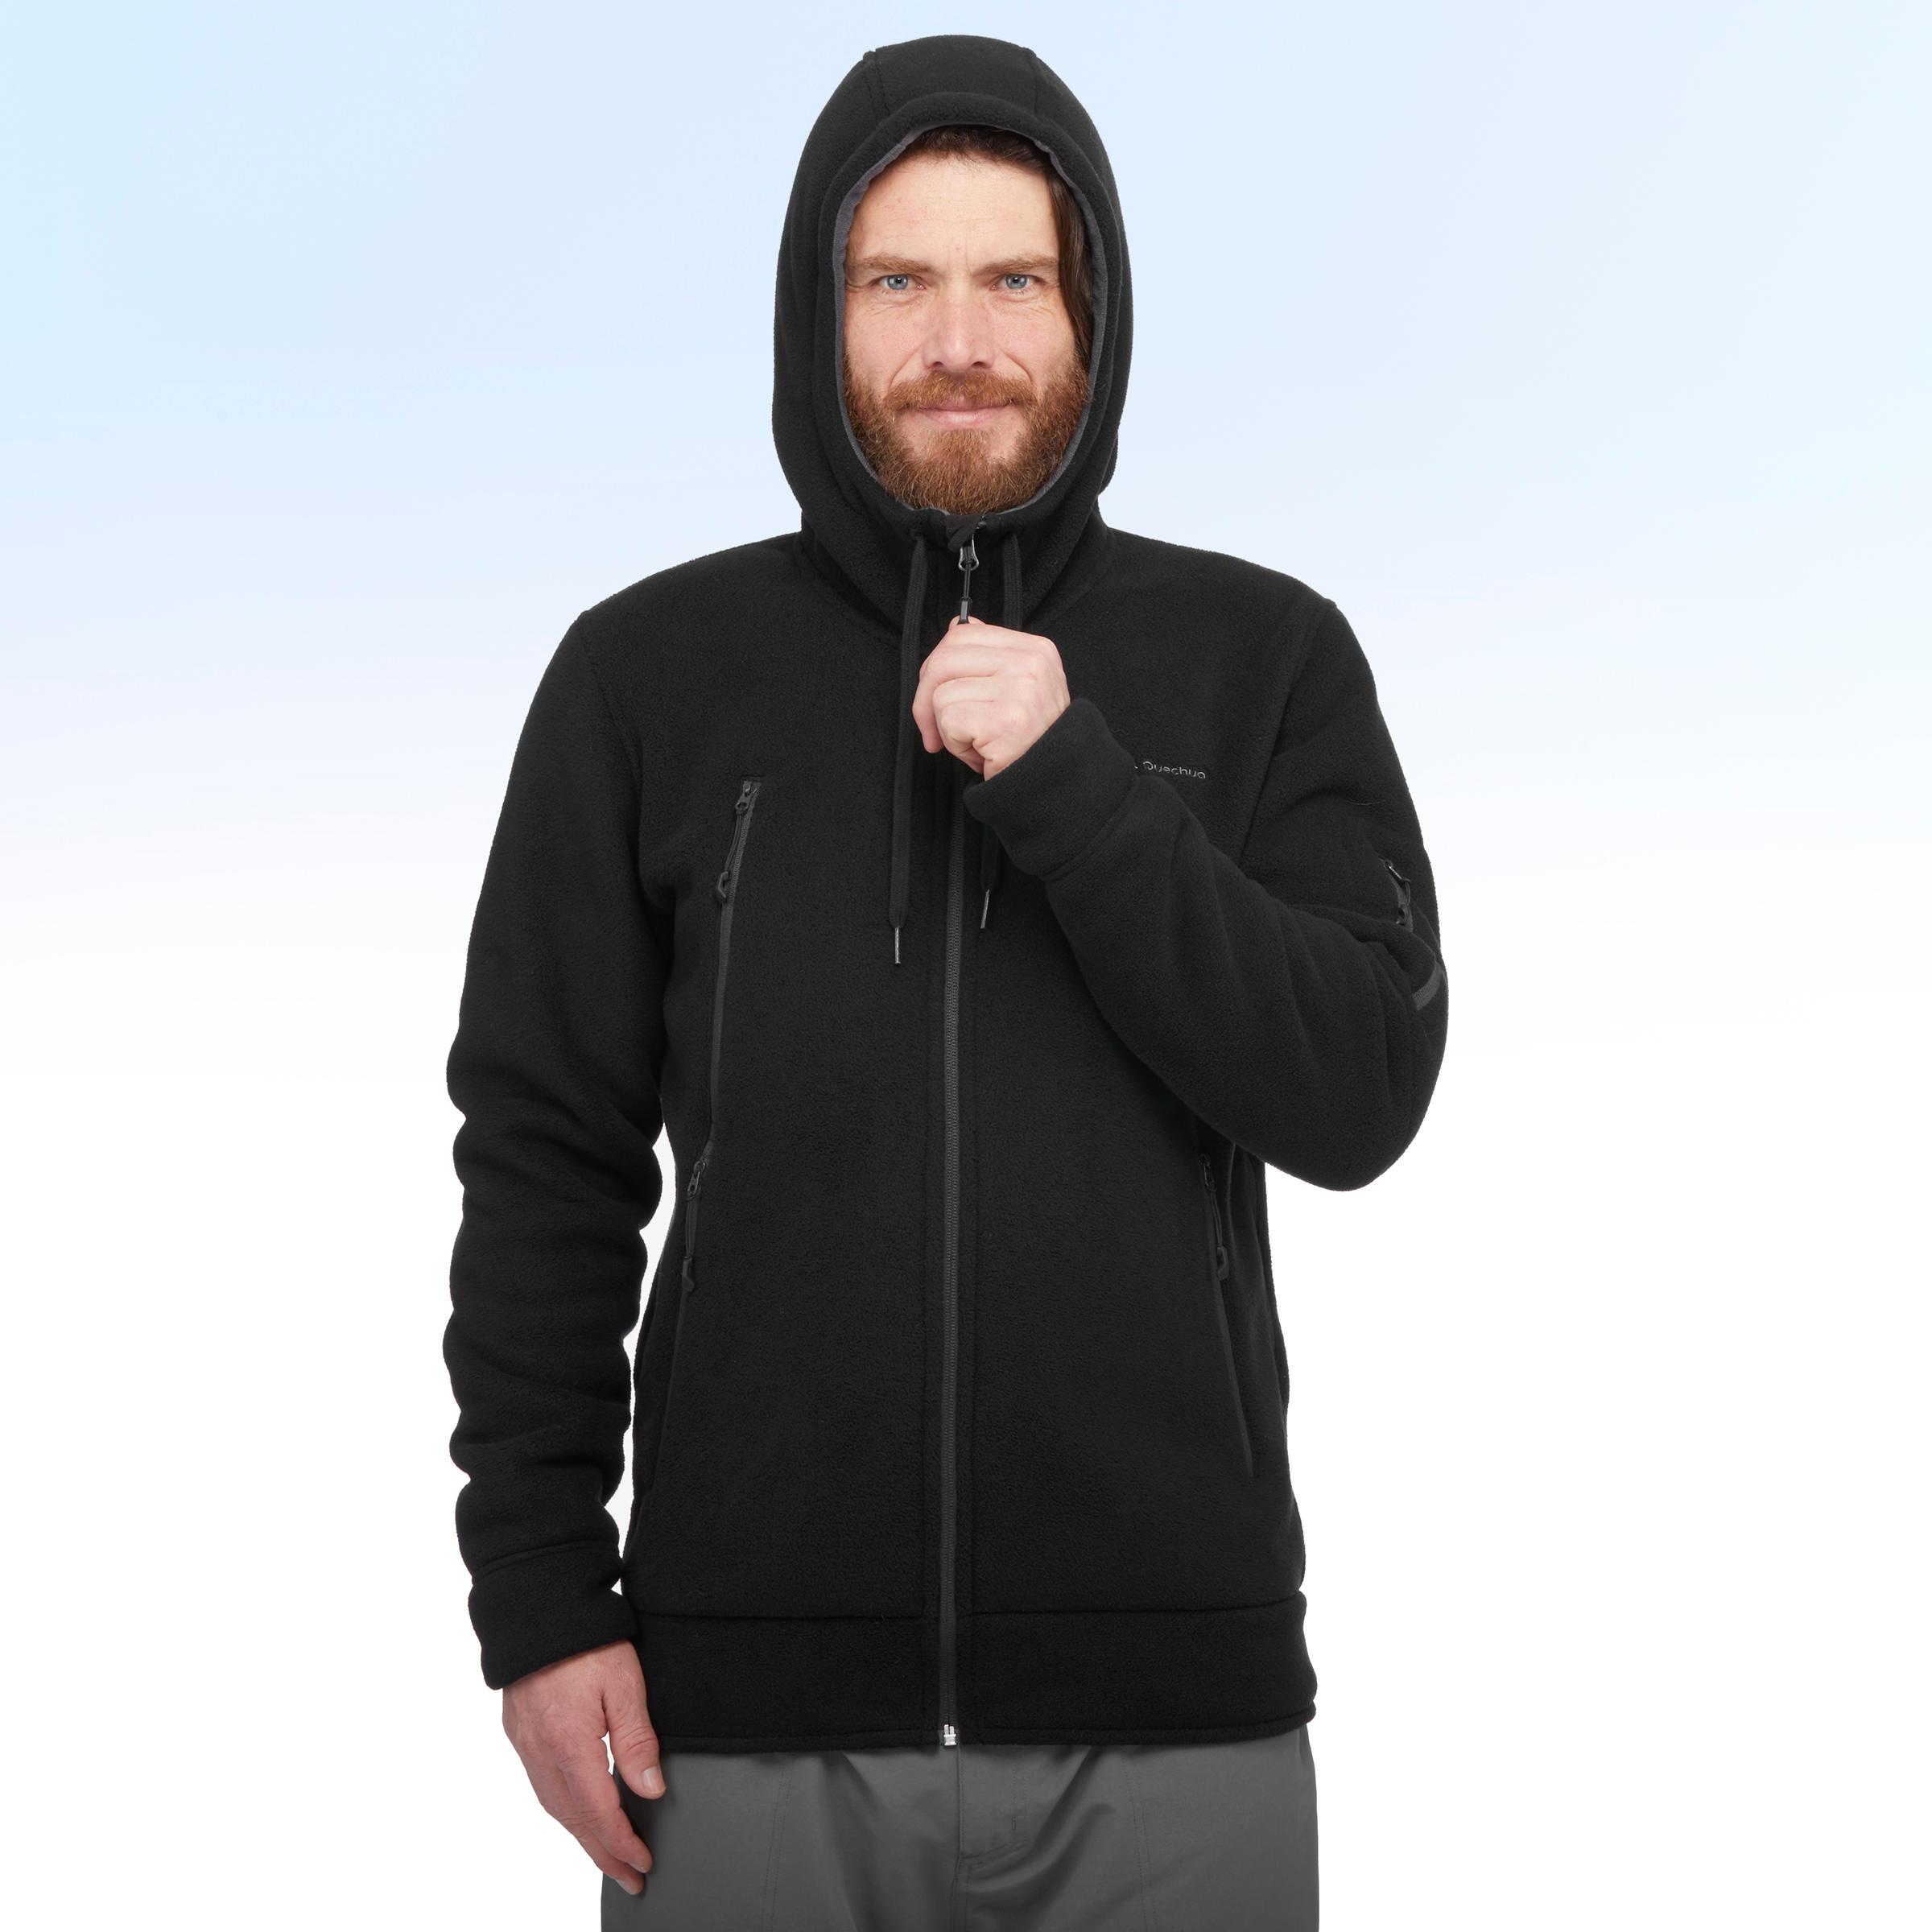 Veste polaire de randonnée neige homme SH100 ultra-warm noire.